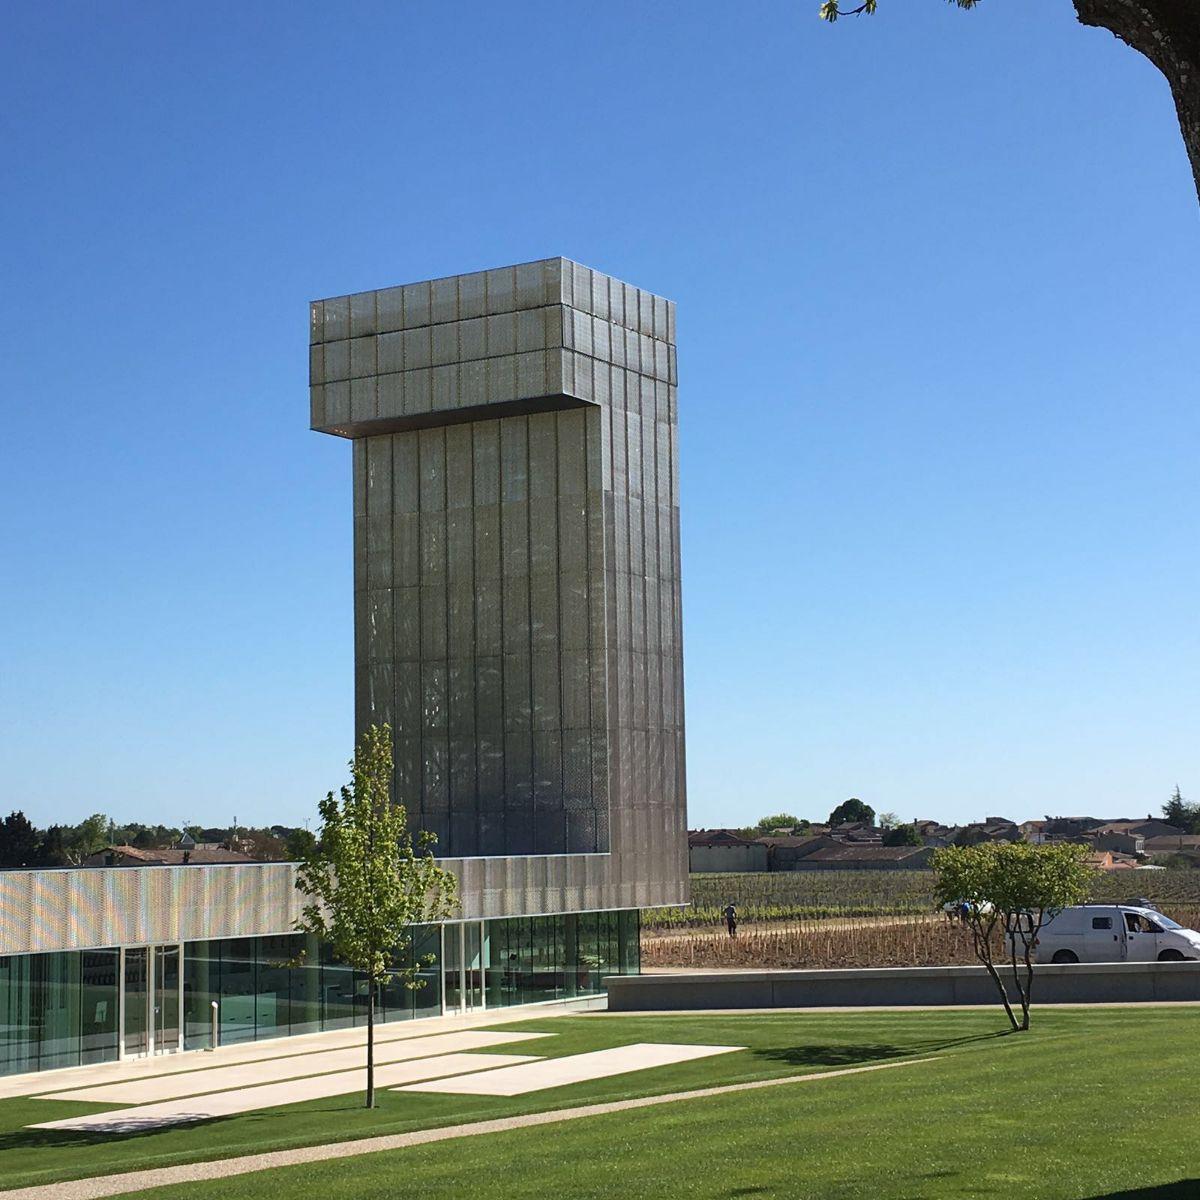 Turm Streckmetall Chȃteau Gruaud Larose Fratelli Mariani